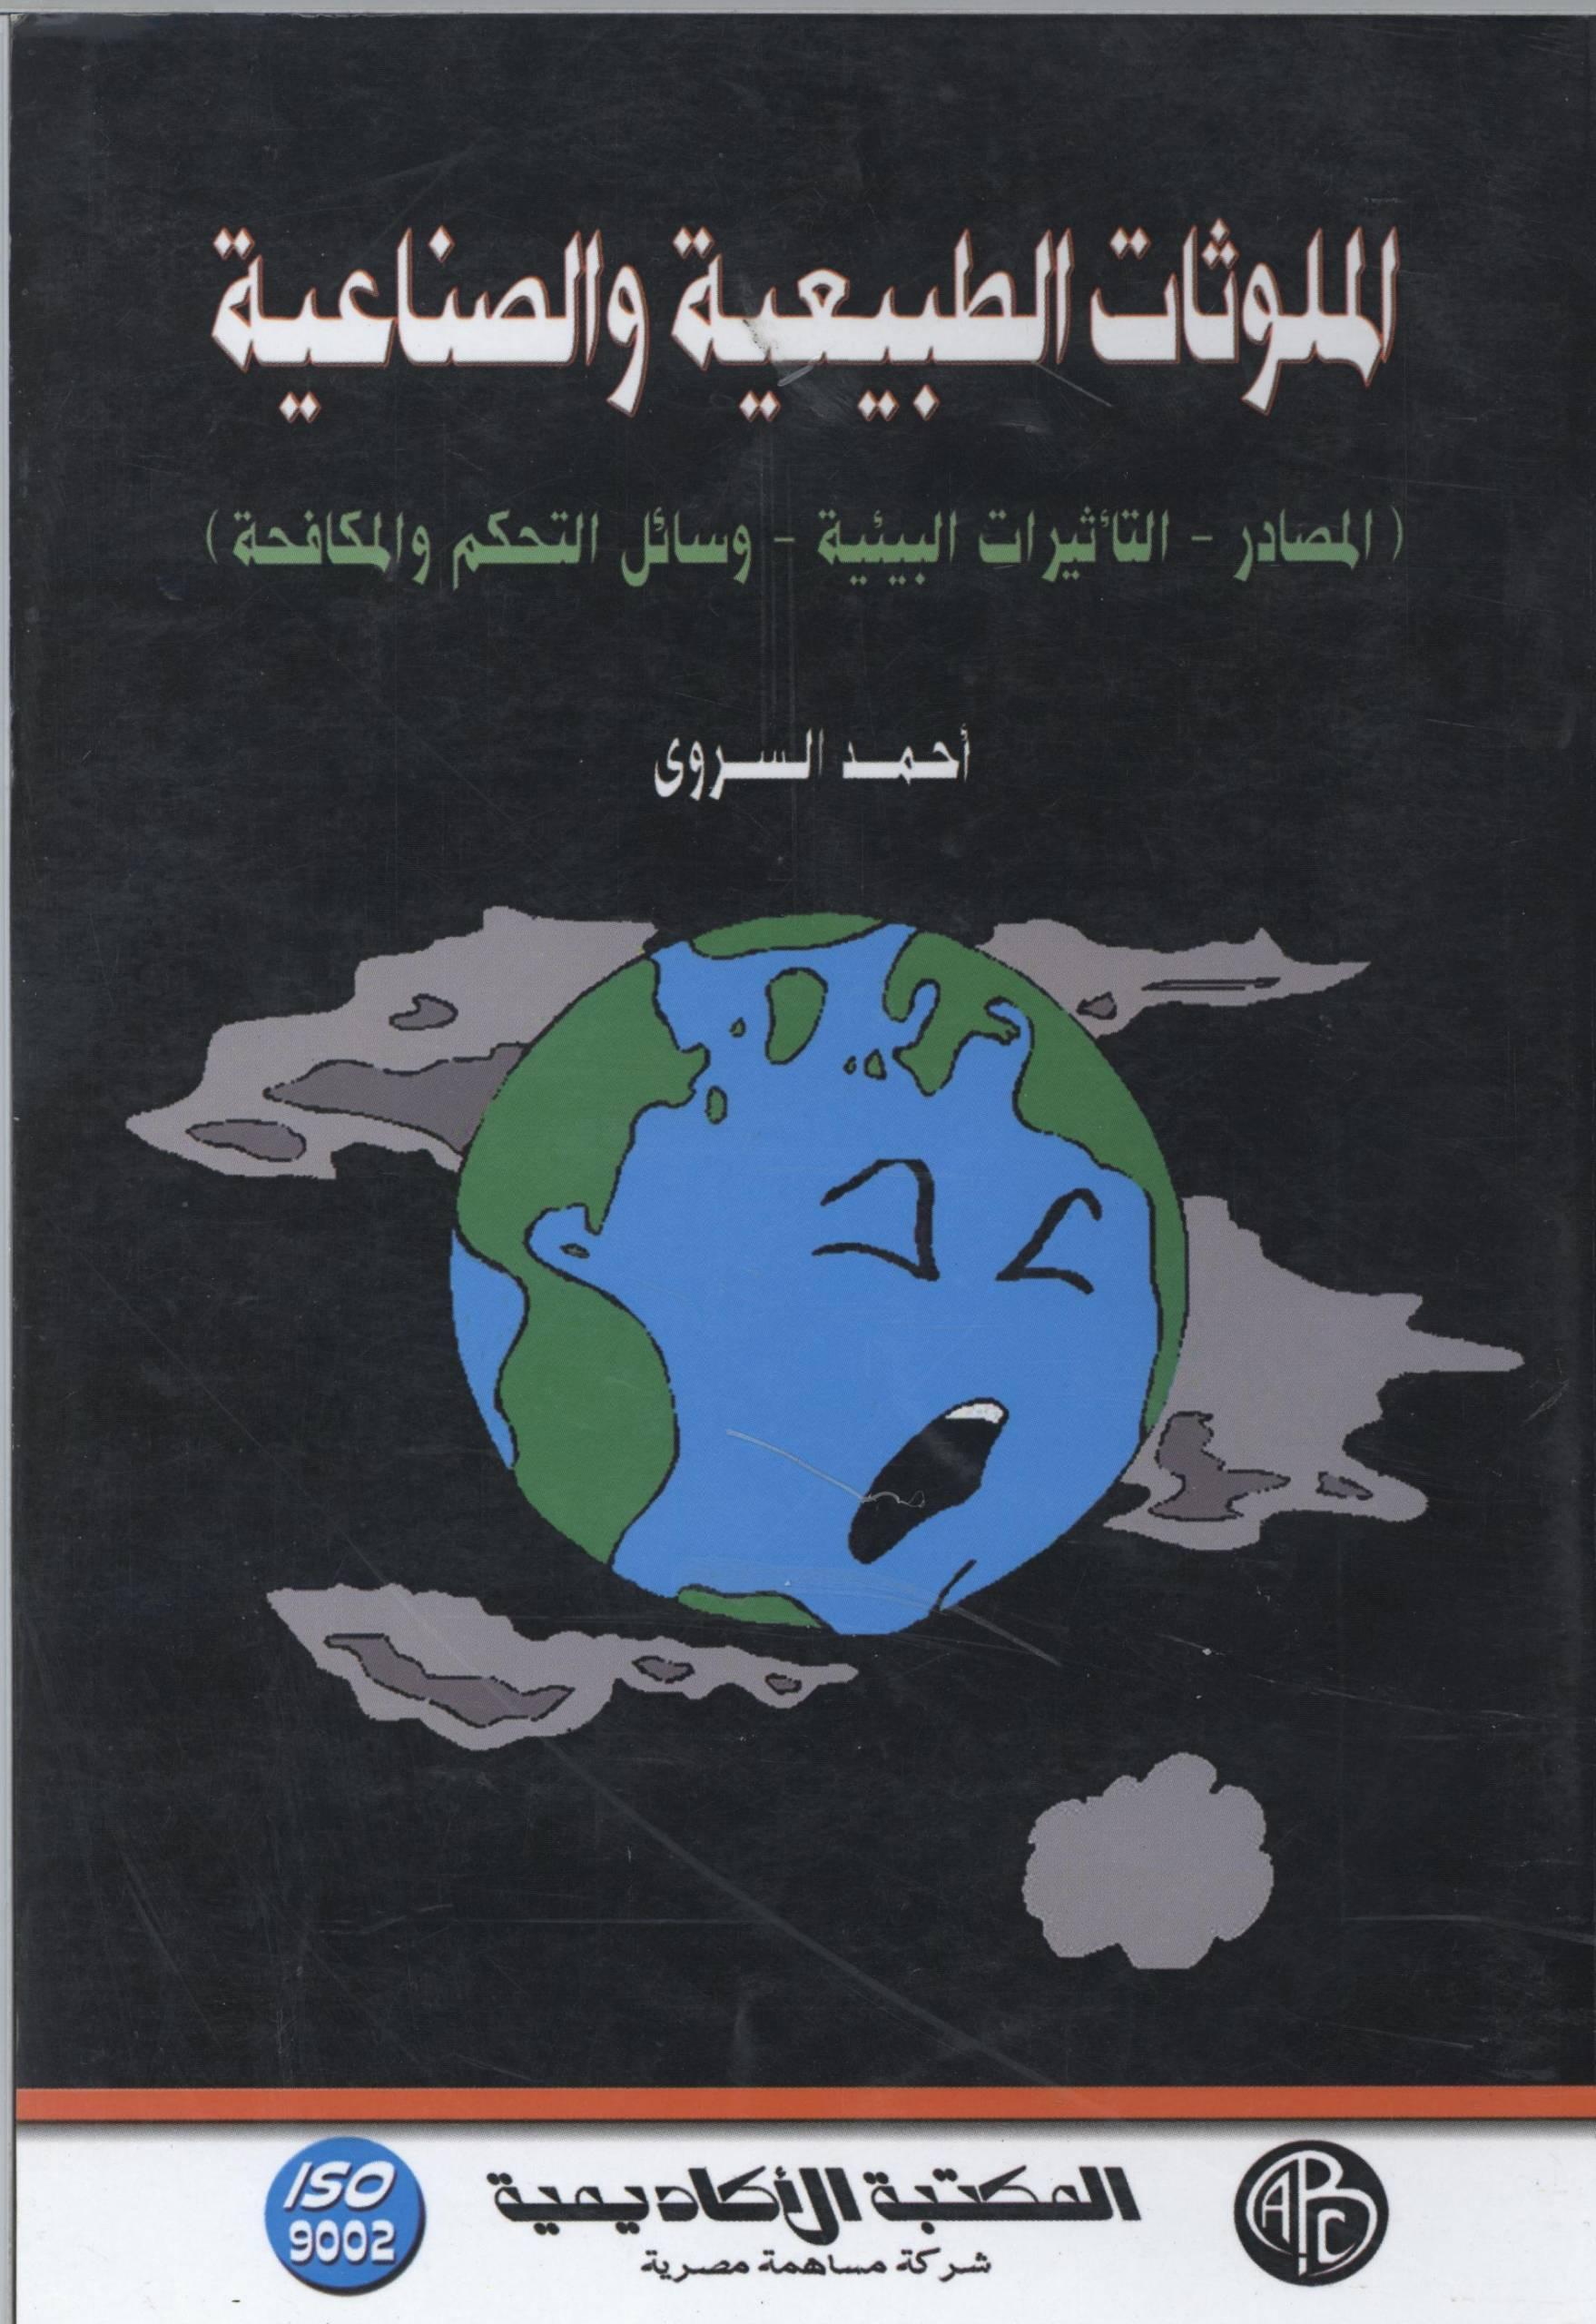 الملوثات الطبيعية و الصناعية